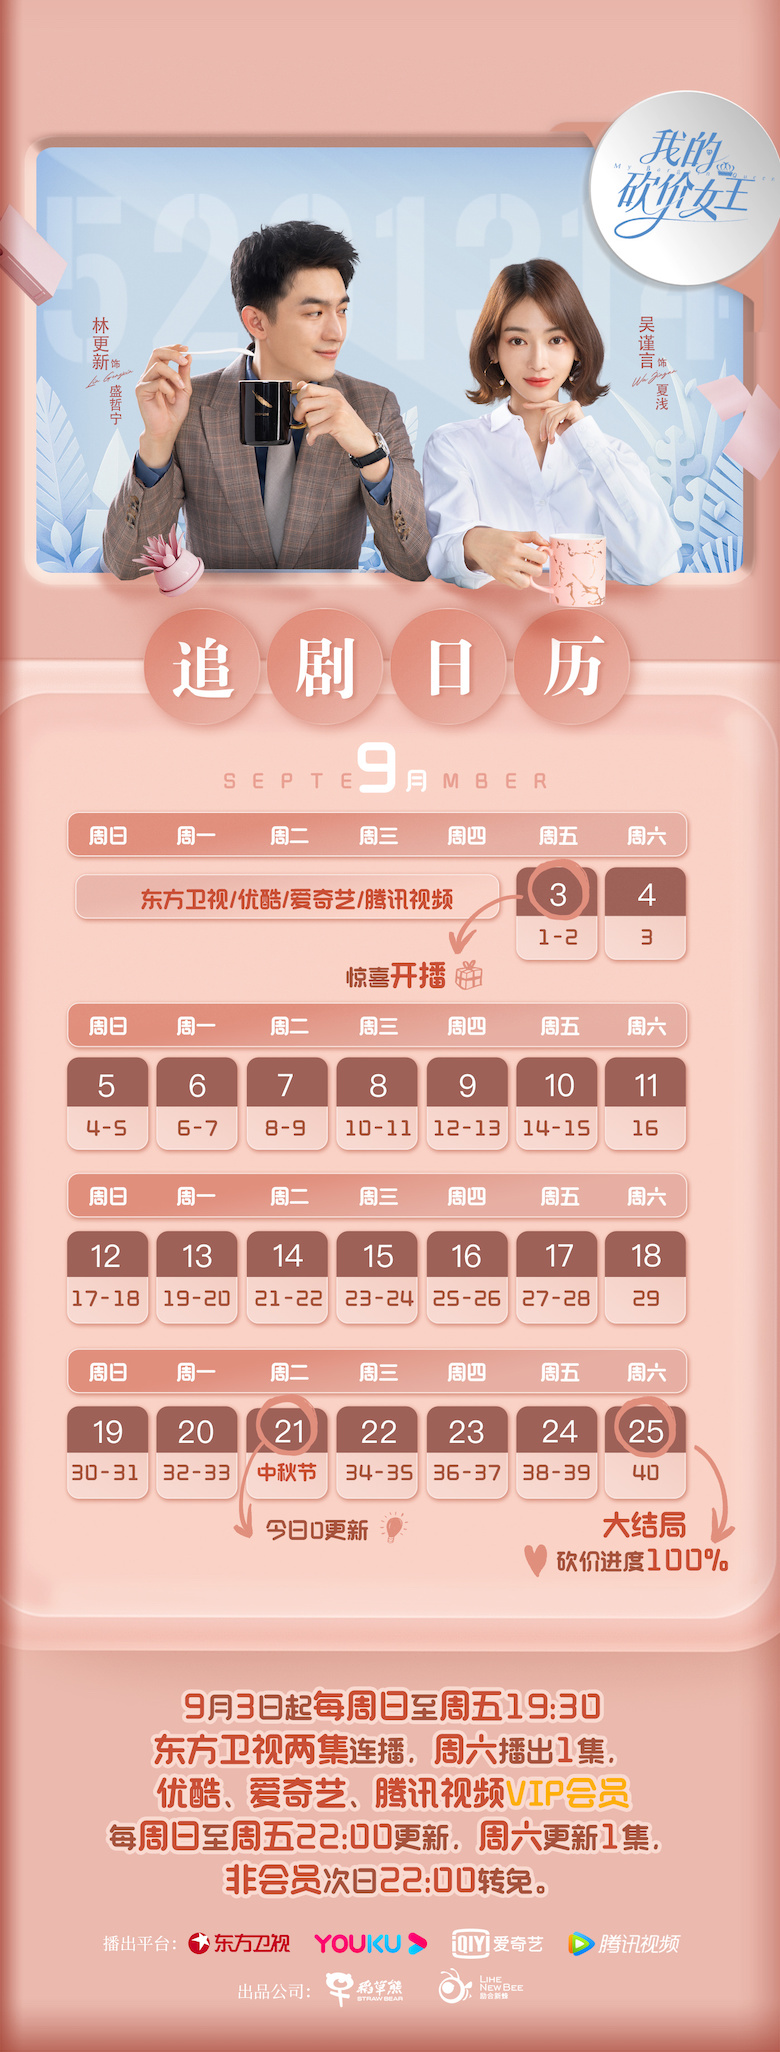 My Bargain Queen Chinese Drama Airing Calendar